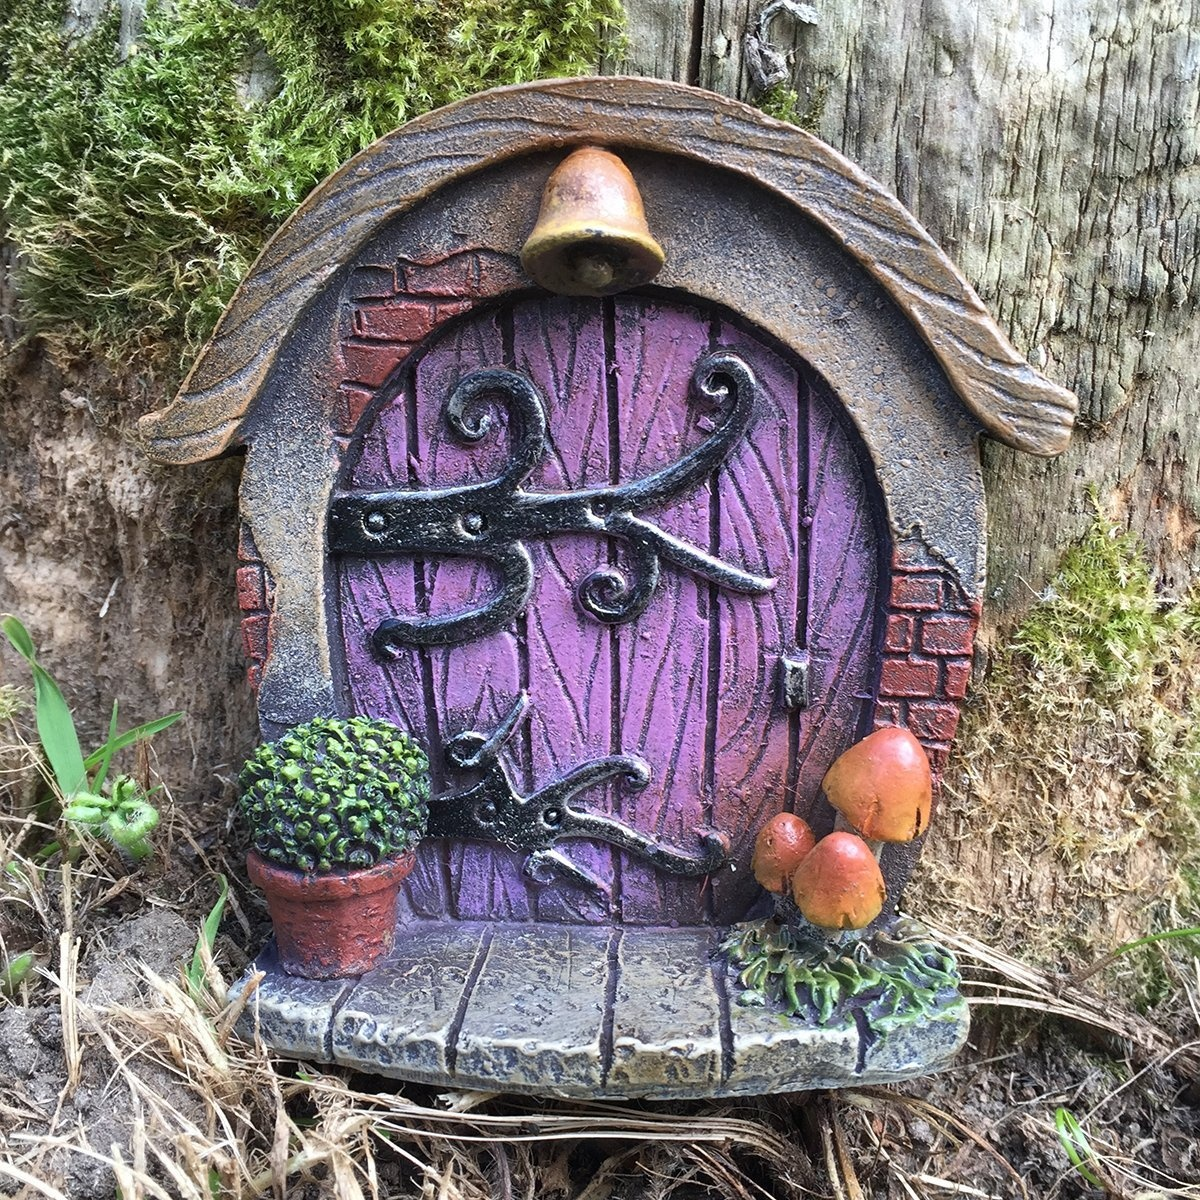 Miniature Hobbit, Pixie, Elf, Fairy Door , Tree Garden Home Decor , Fun  Quirky Gift Figurine , H7cm